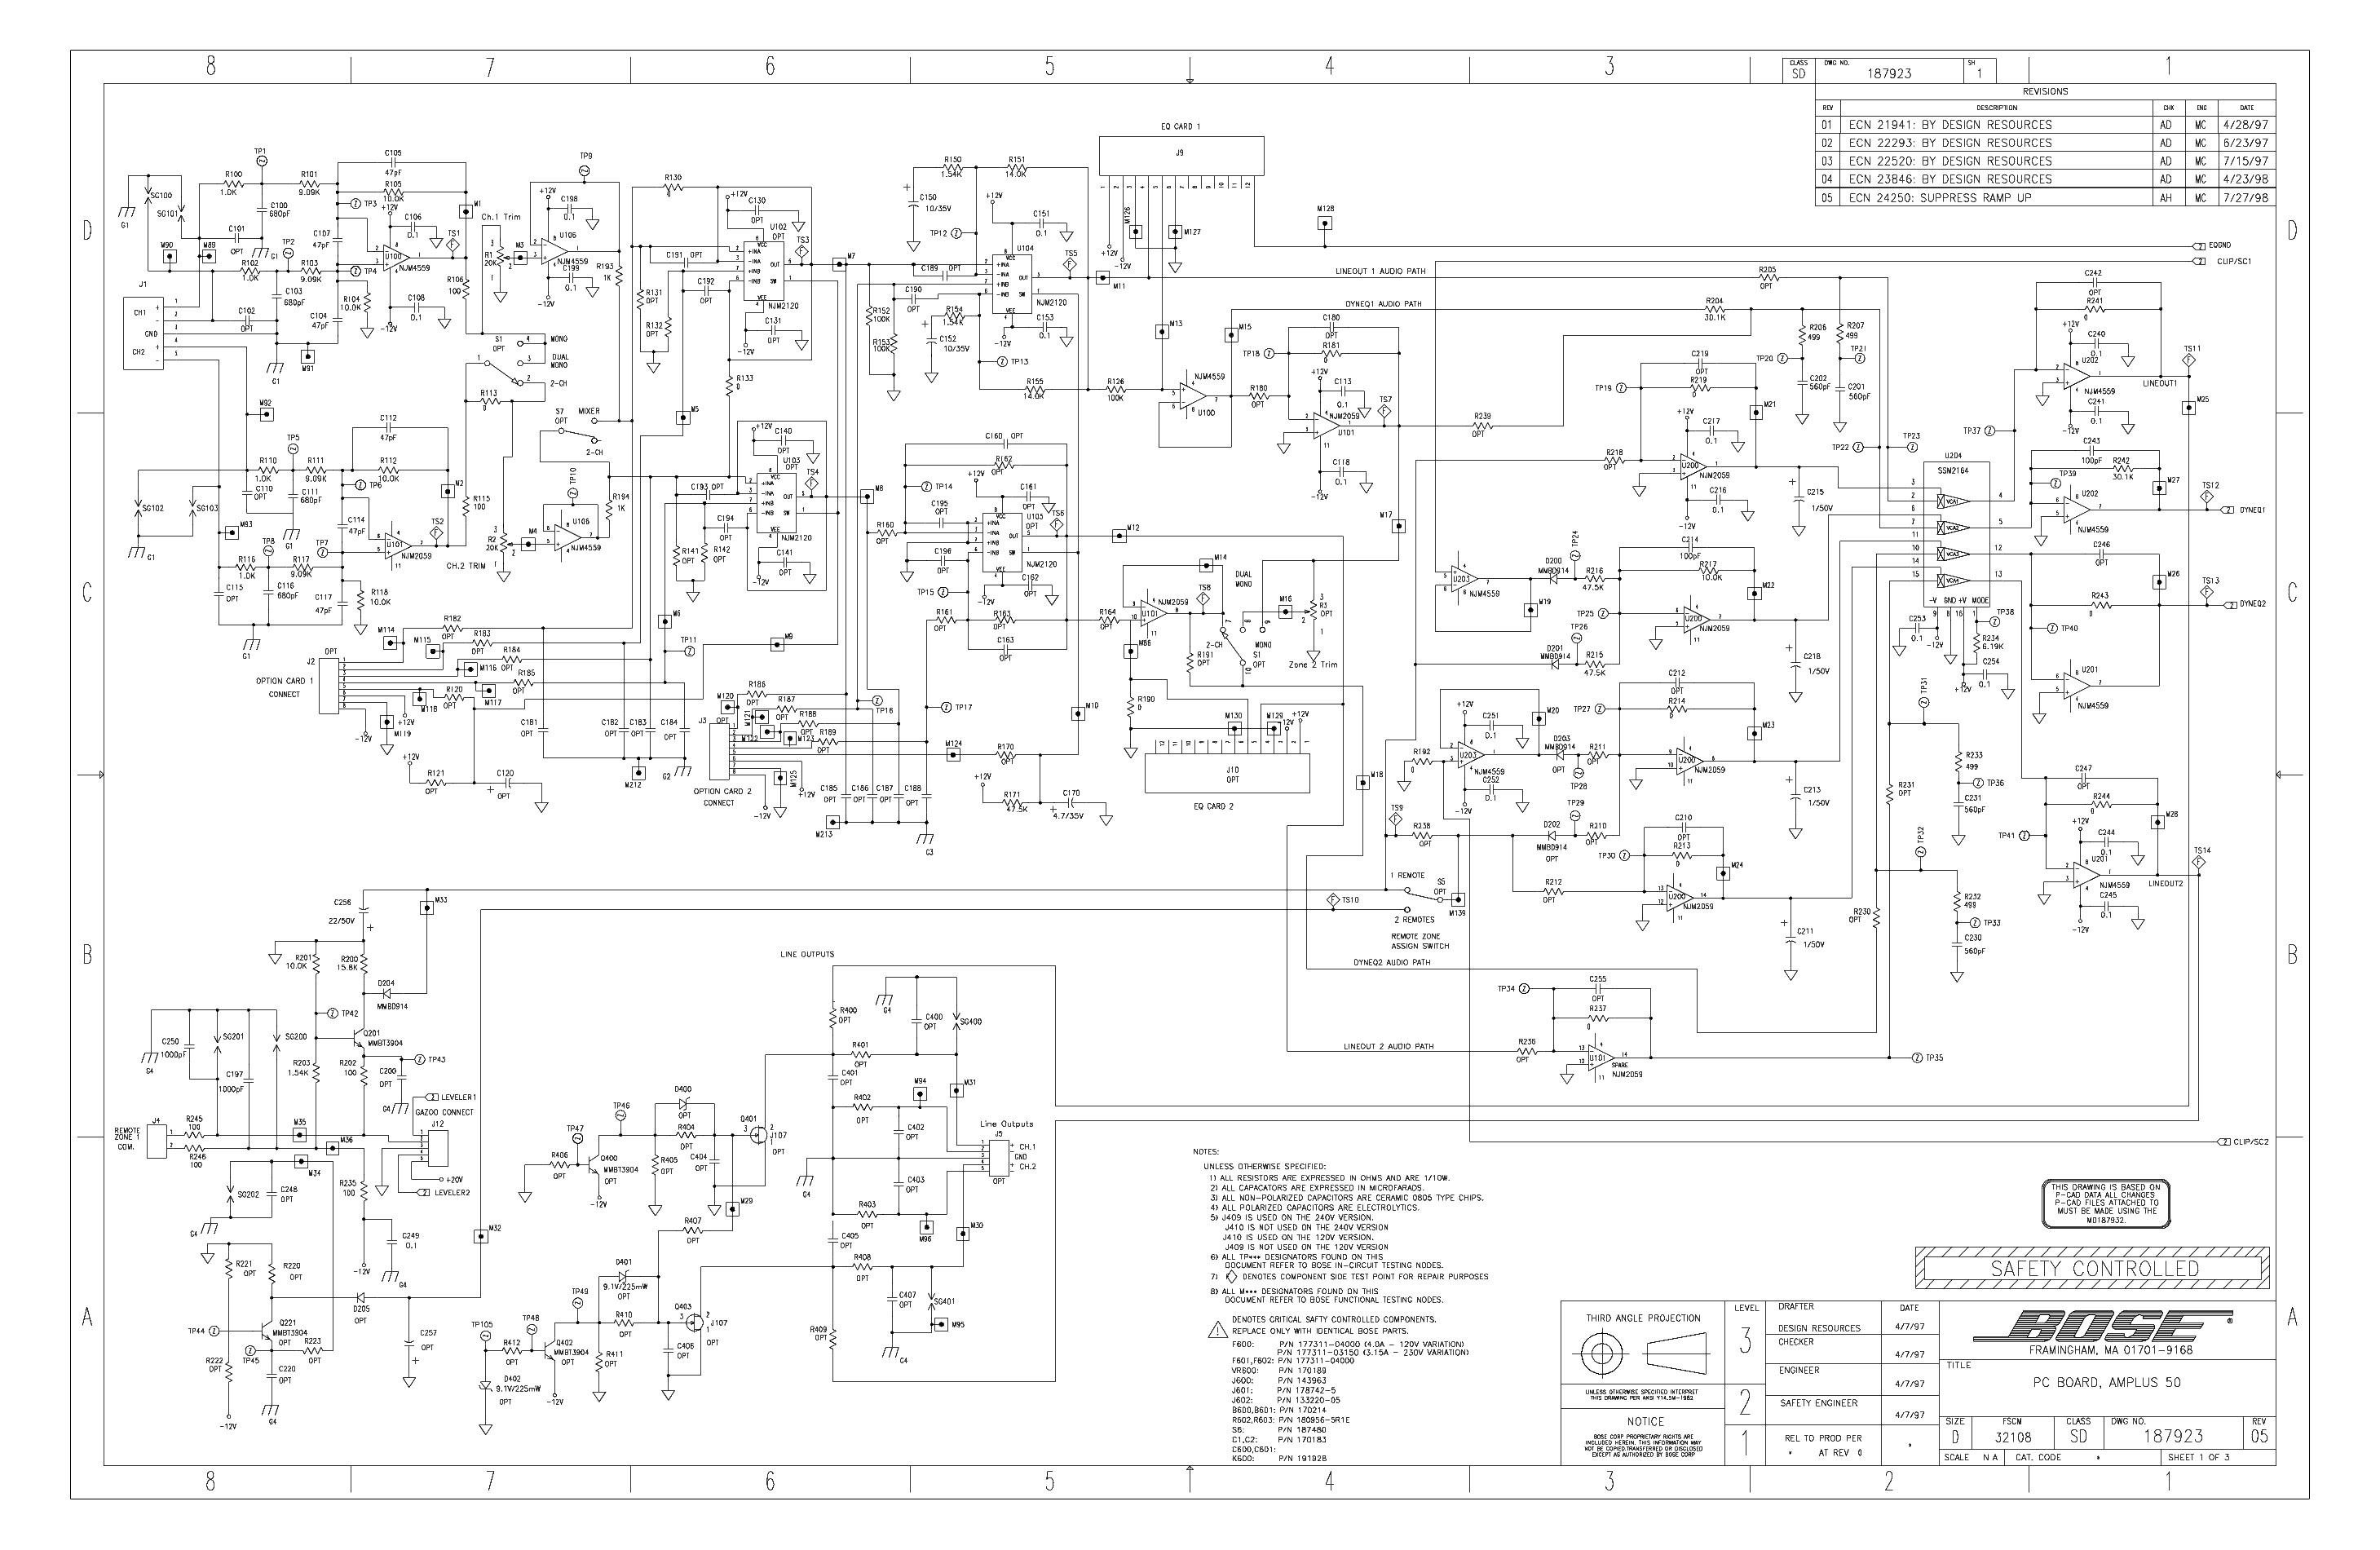 Bose Acoustimass 9 Wiring Diagram